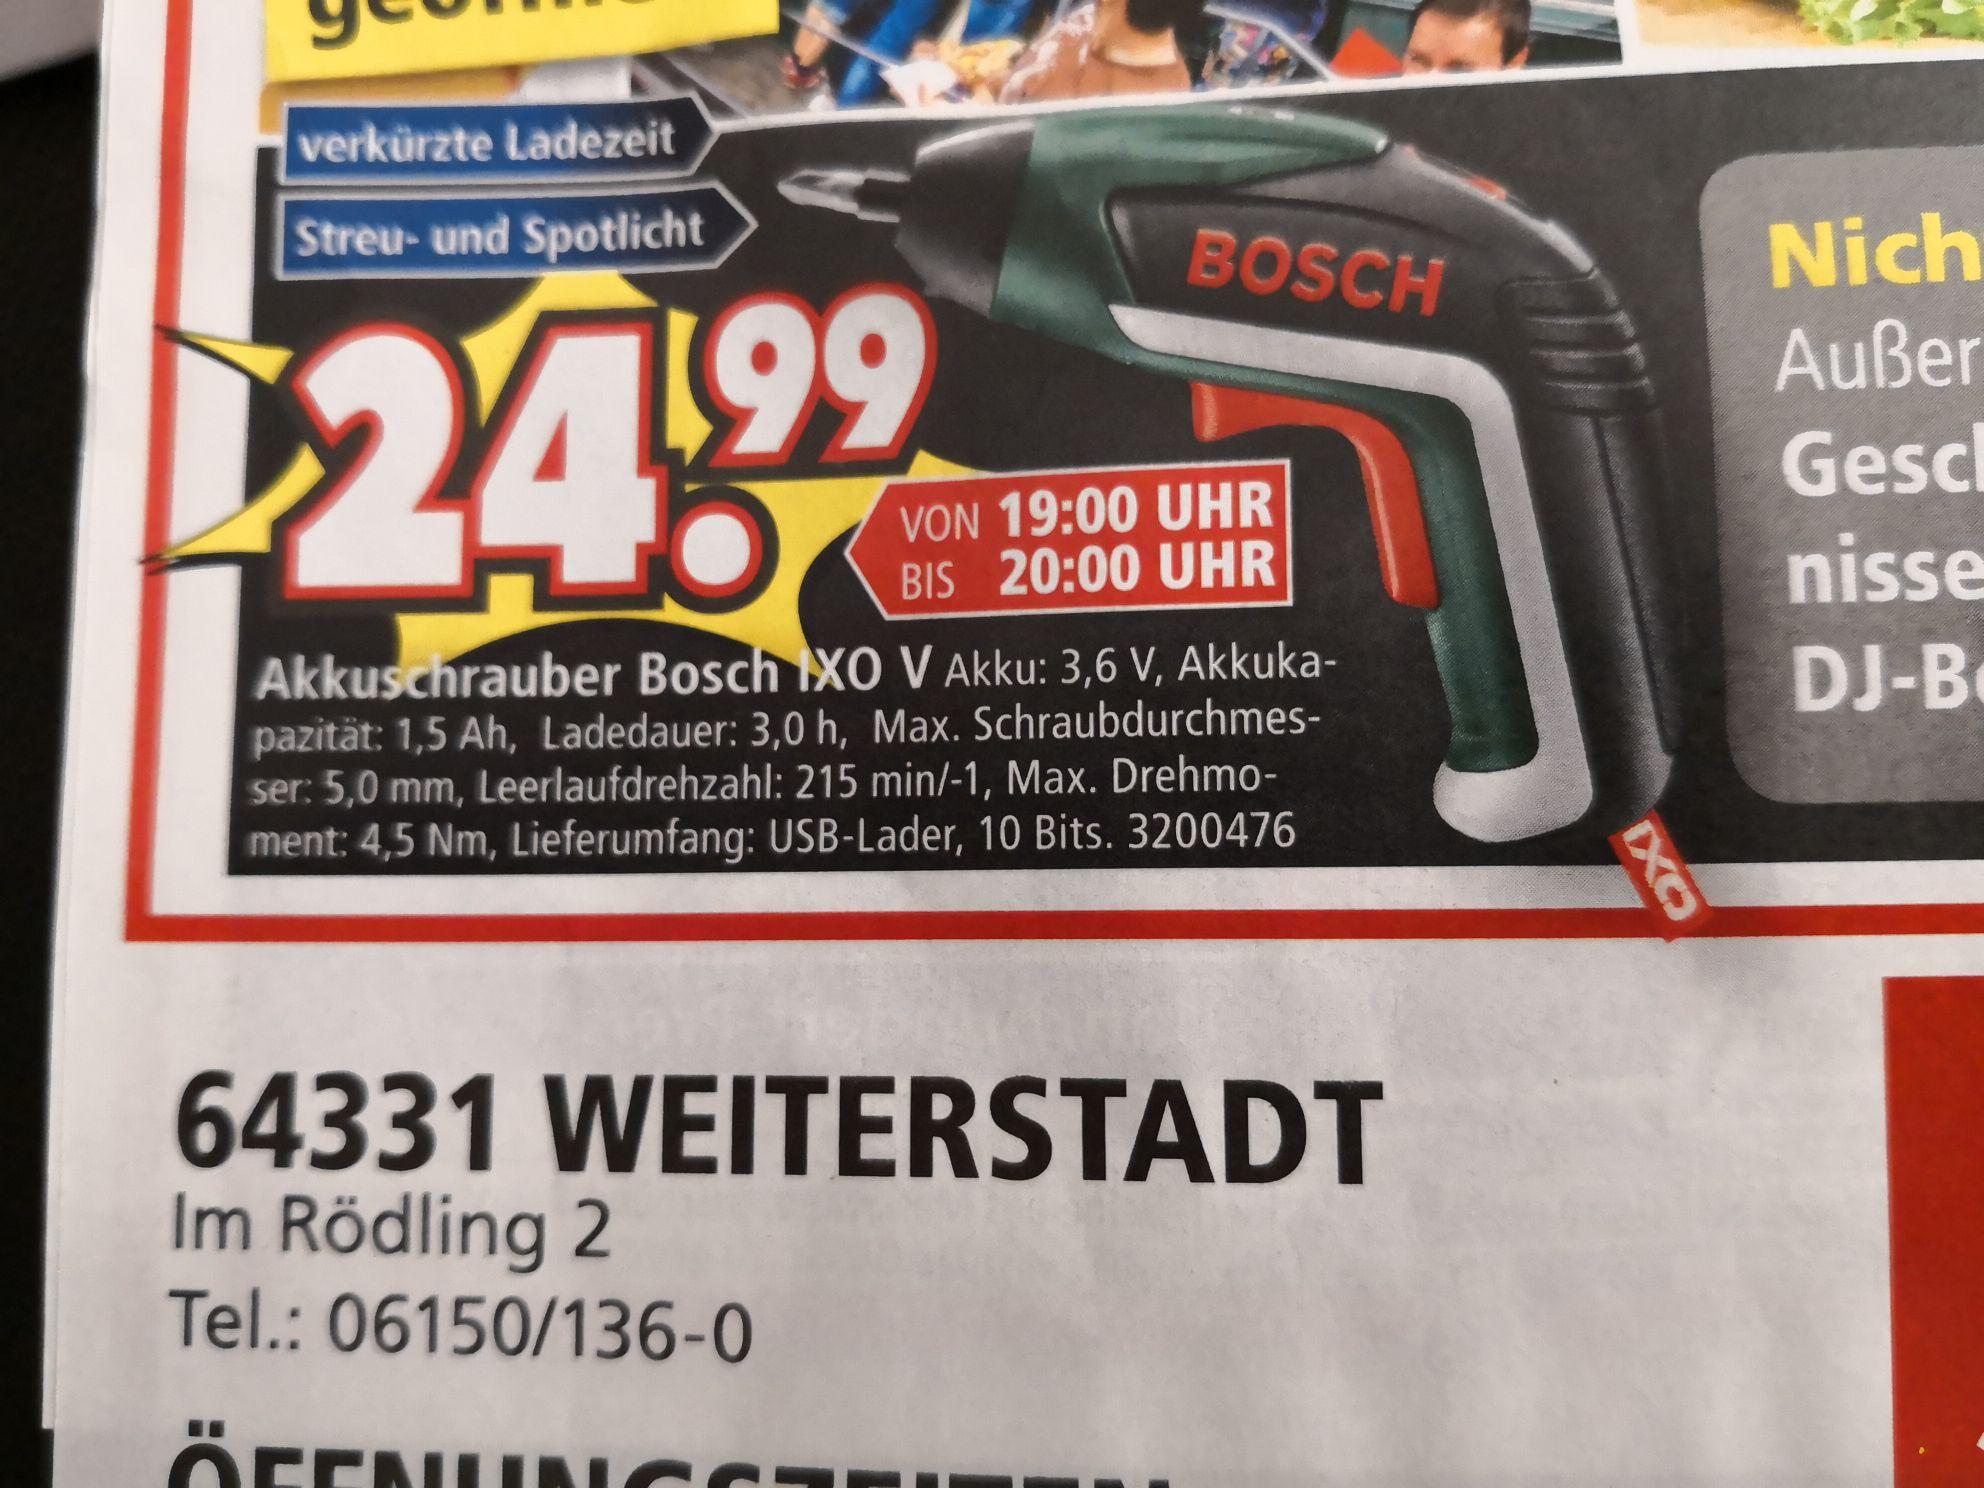 Bosch IXO V Akkuschrauber, nur am 04.08 Segmüller Weiterstadt